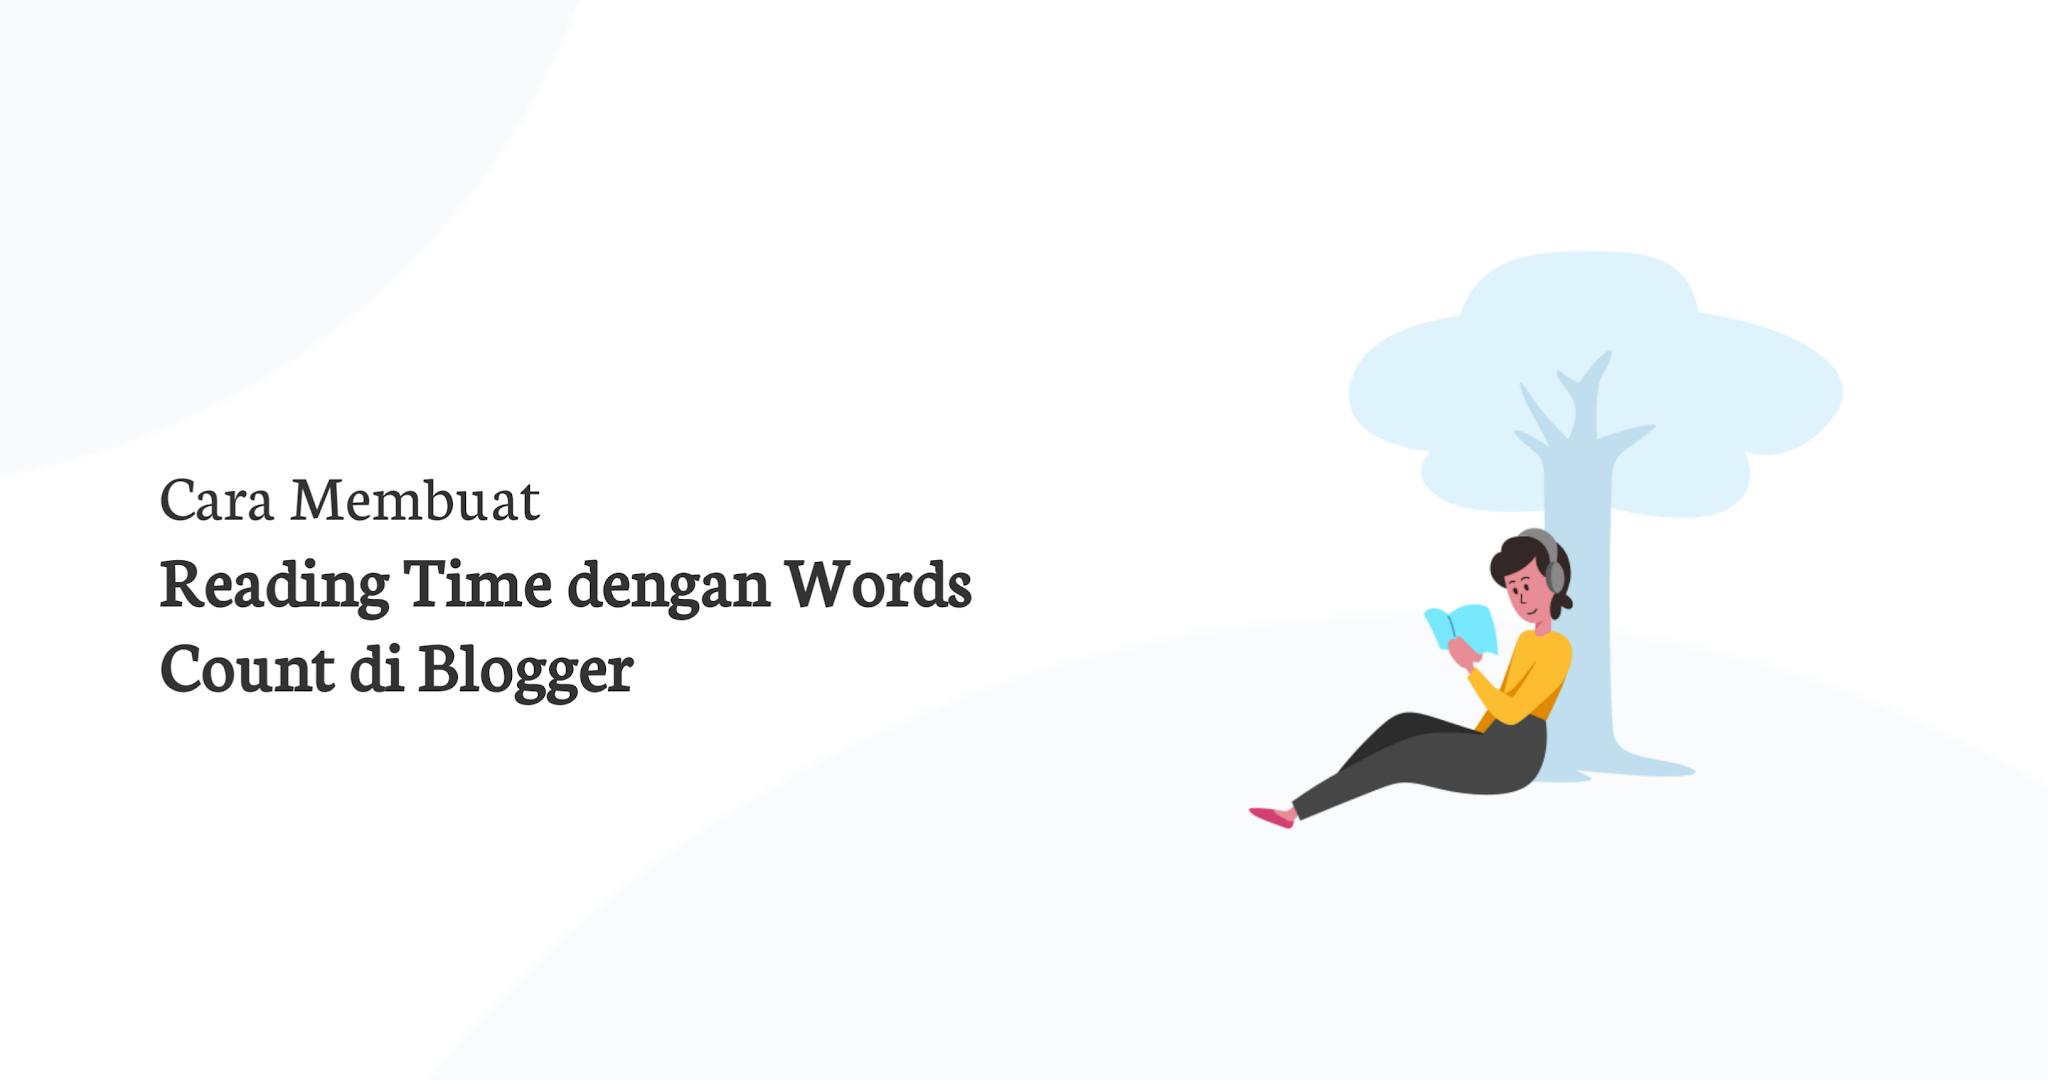 Cara Membuat Reading Time dengan Words Count di Blogger